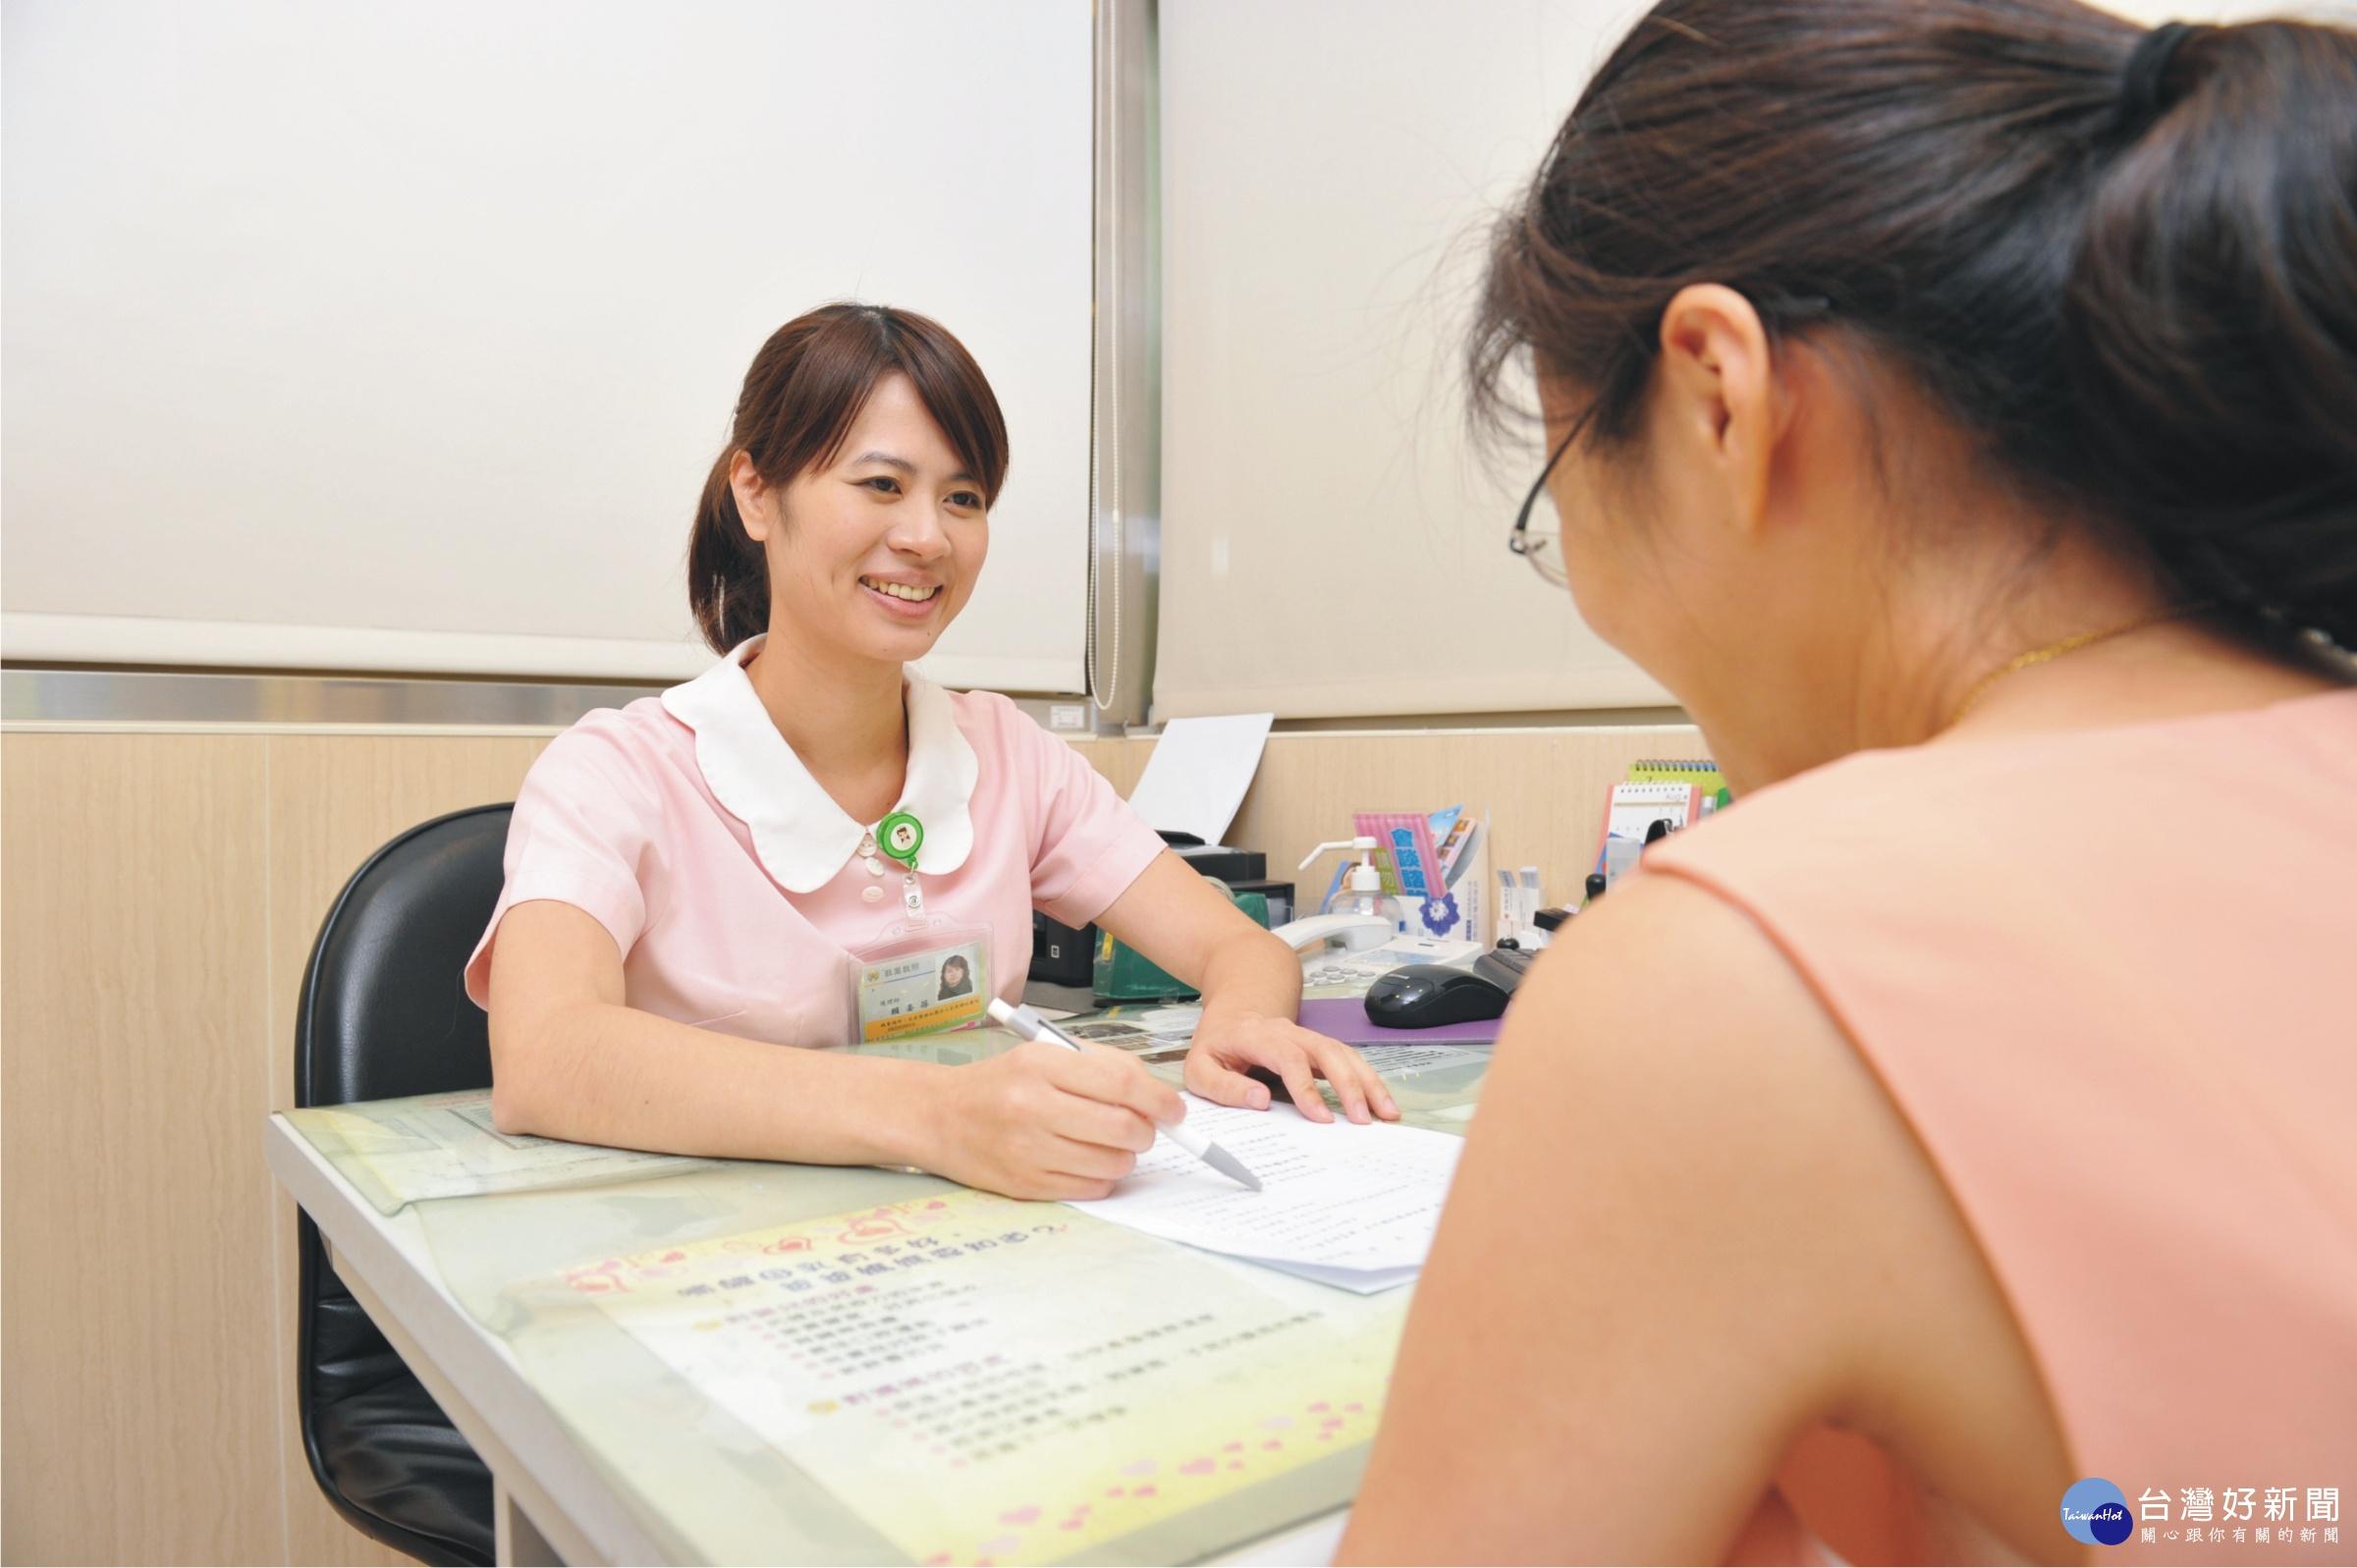 婦女改善尿失禁 護理師教導凱格爾氏運動